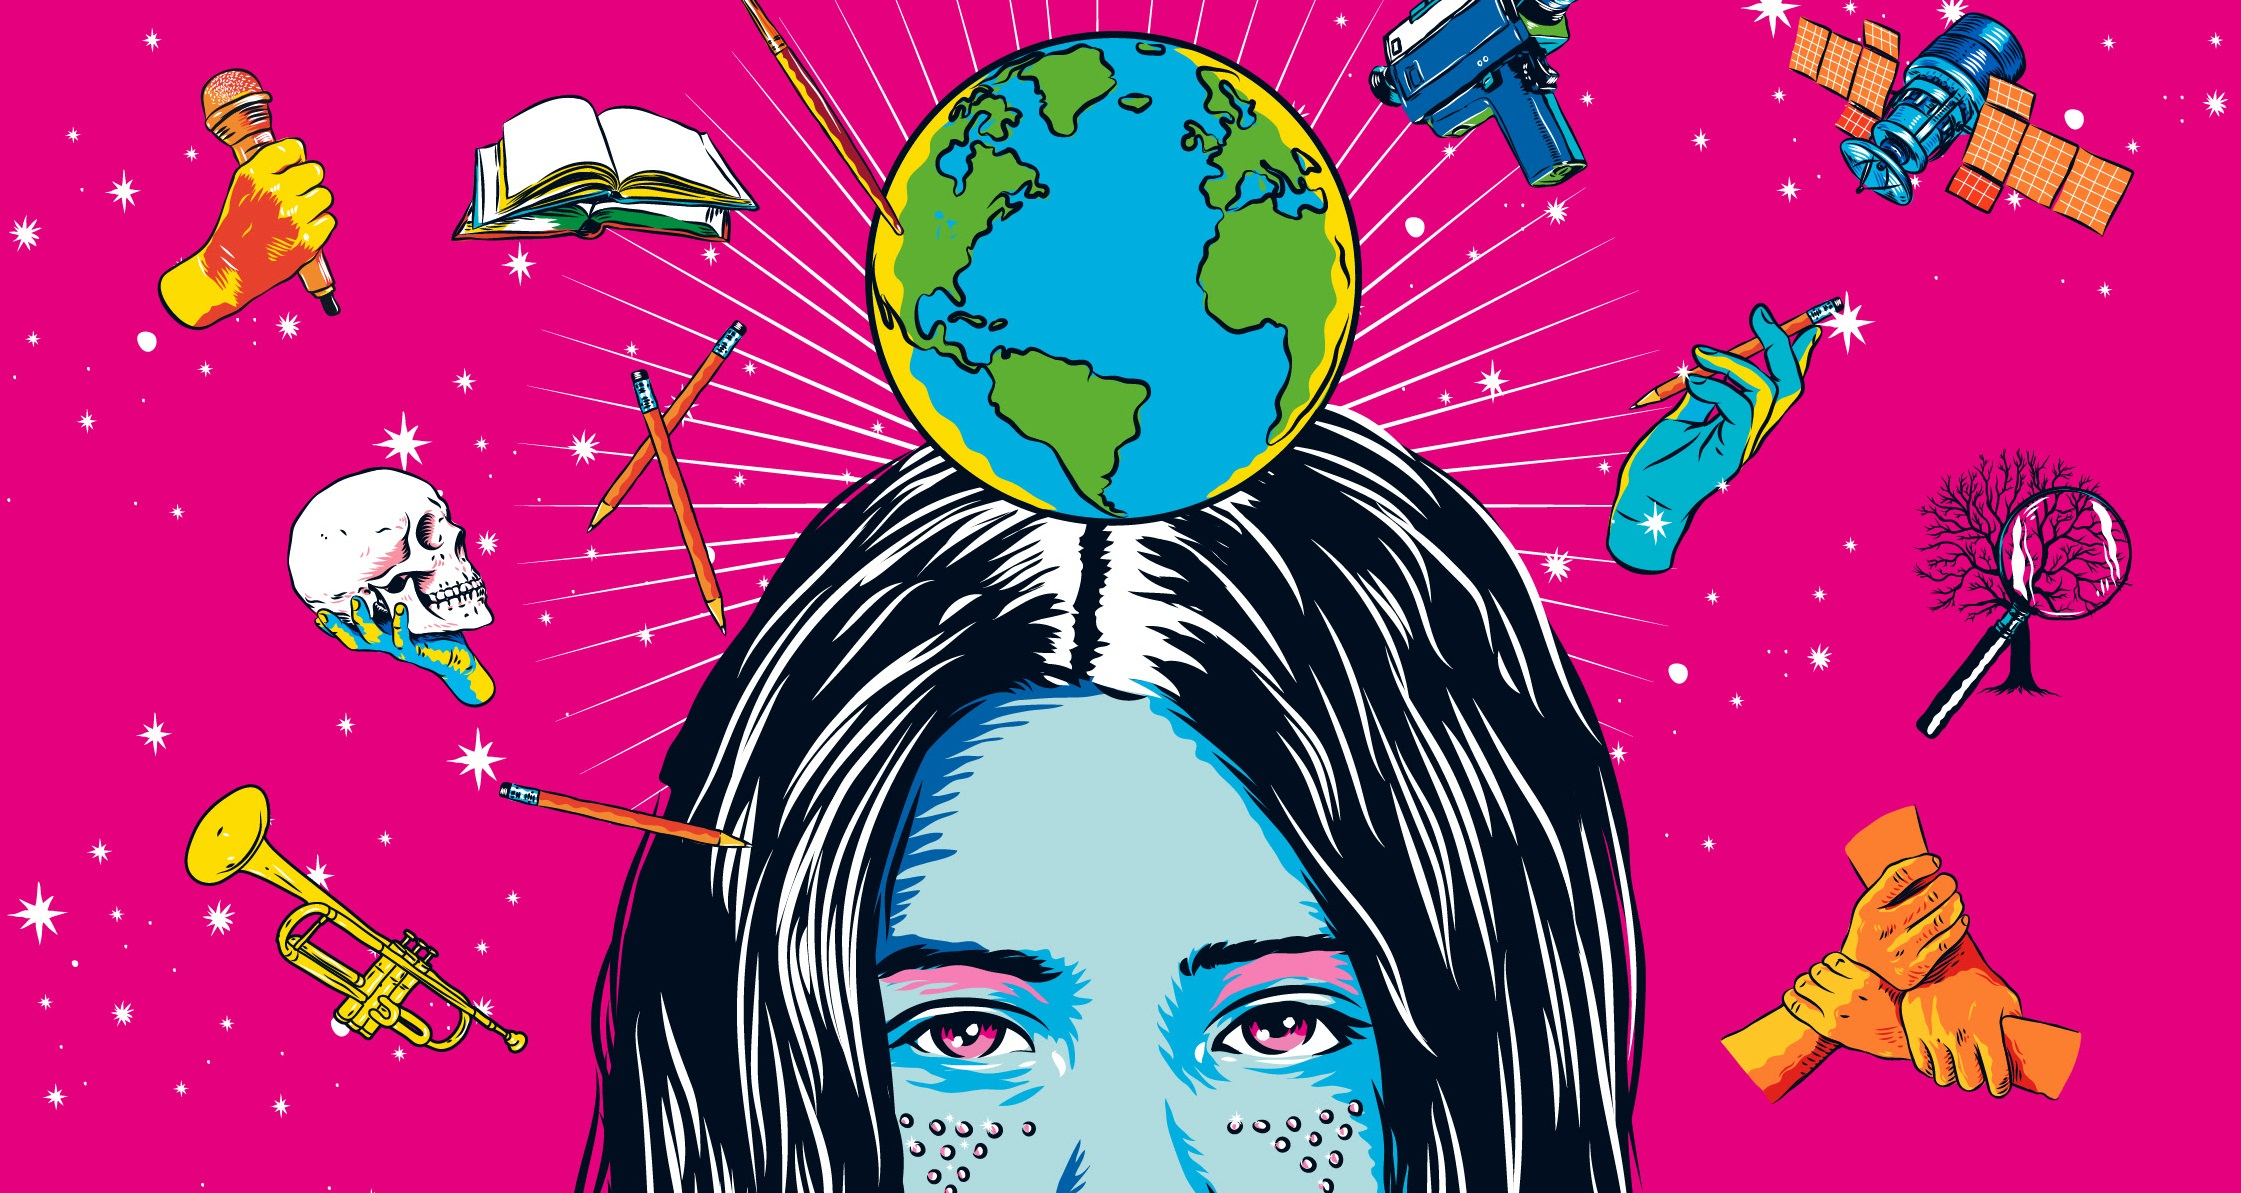 El Recoleta, apoyado por UNICEF, lanza Desafío Clave 13 17 global y en casa